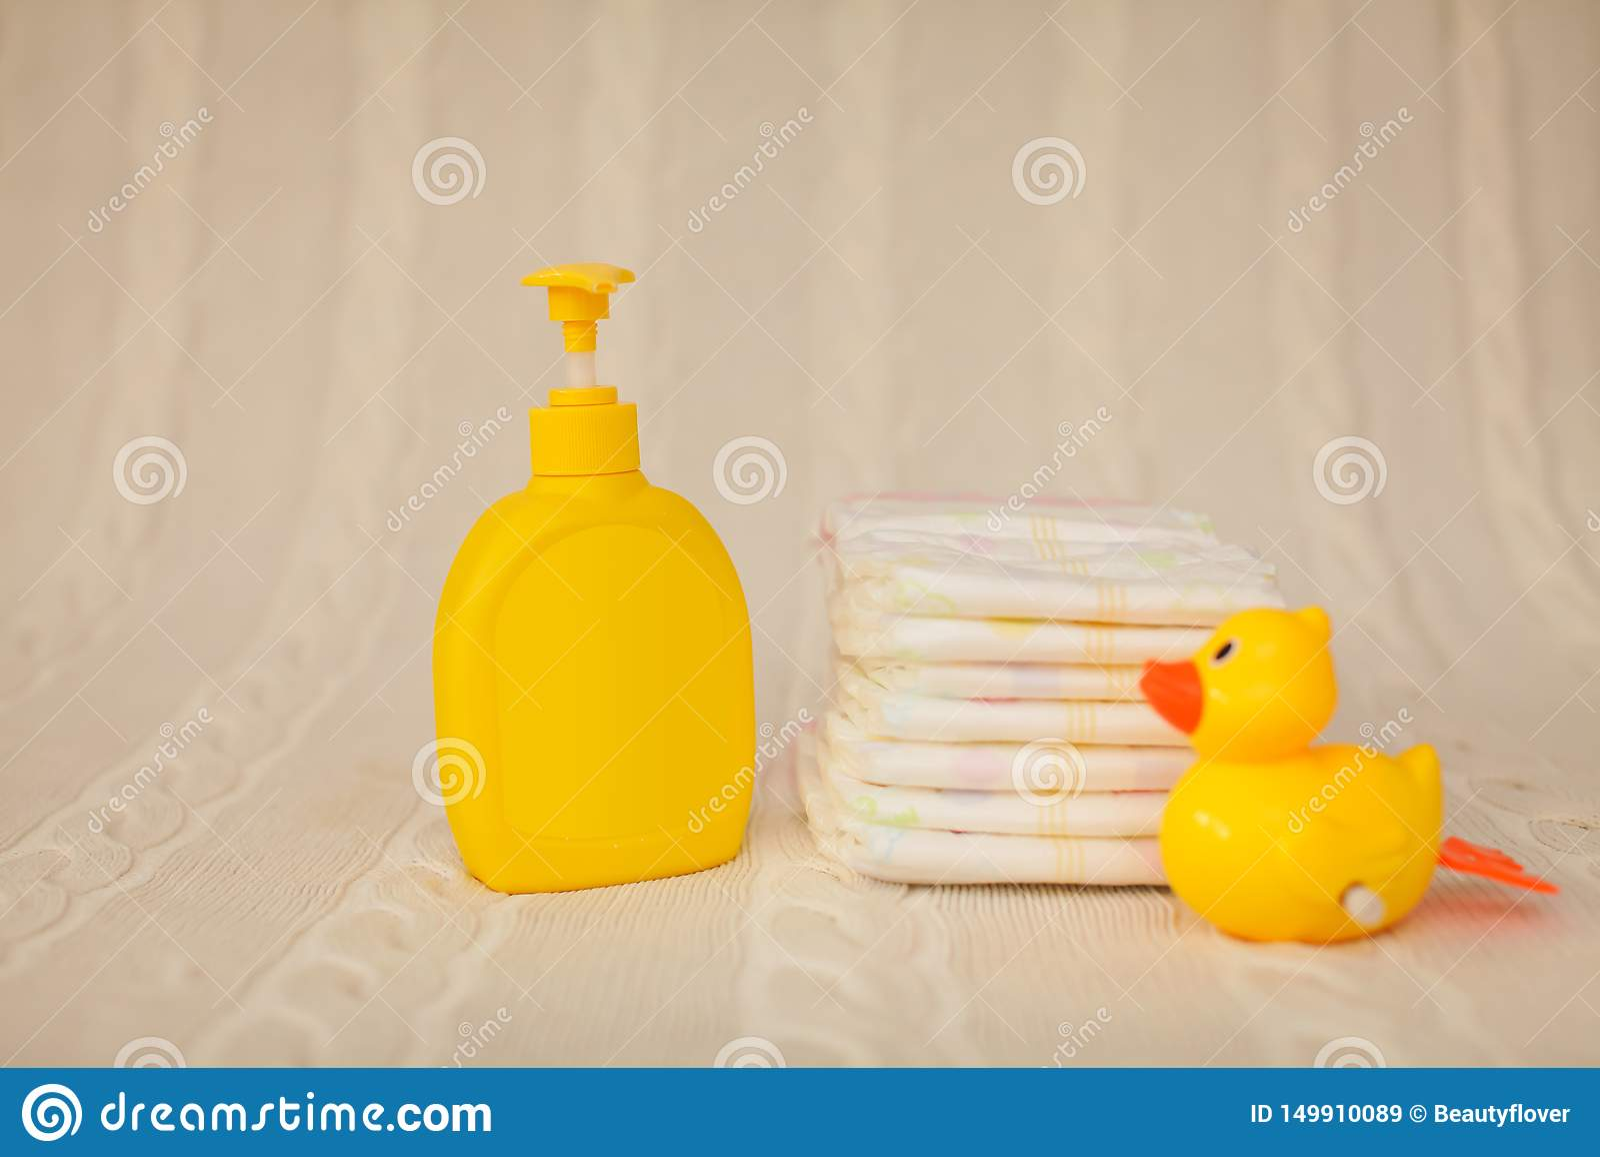 Distributeur en plastique jaune avec du savon liquide et une pile de serviettes brunes sur une couverture beige au foyer sélectif